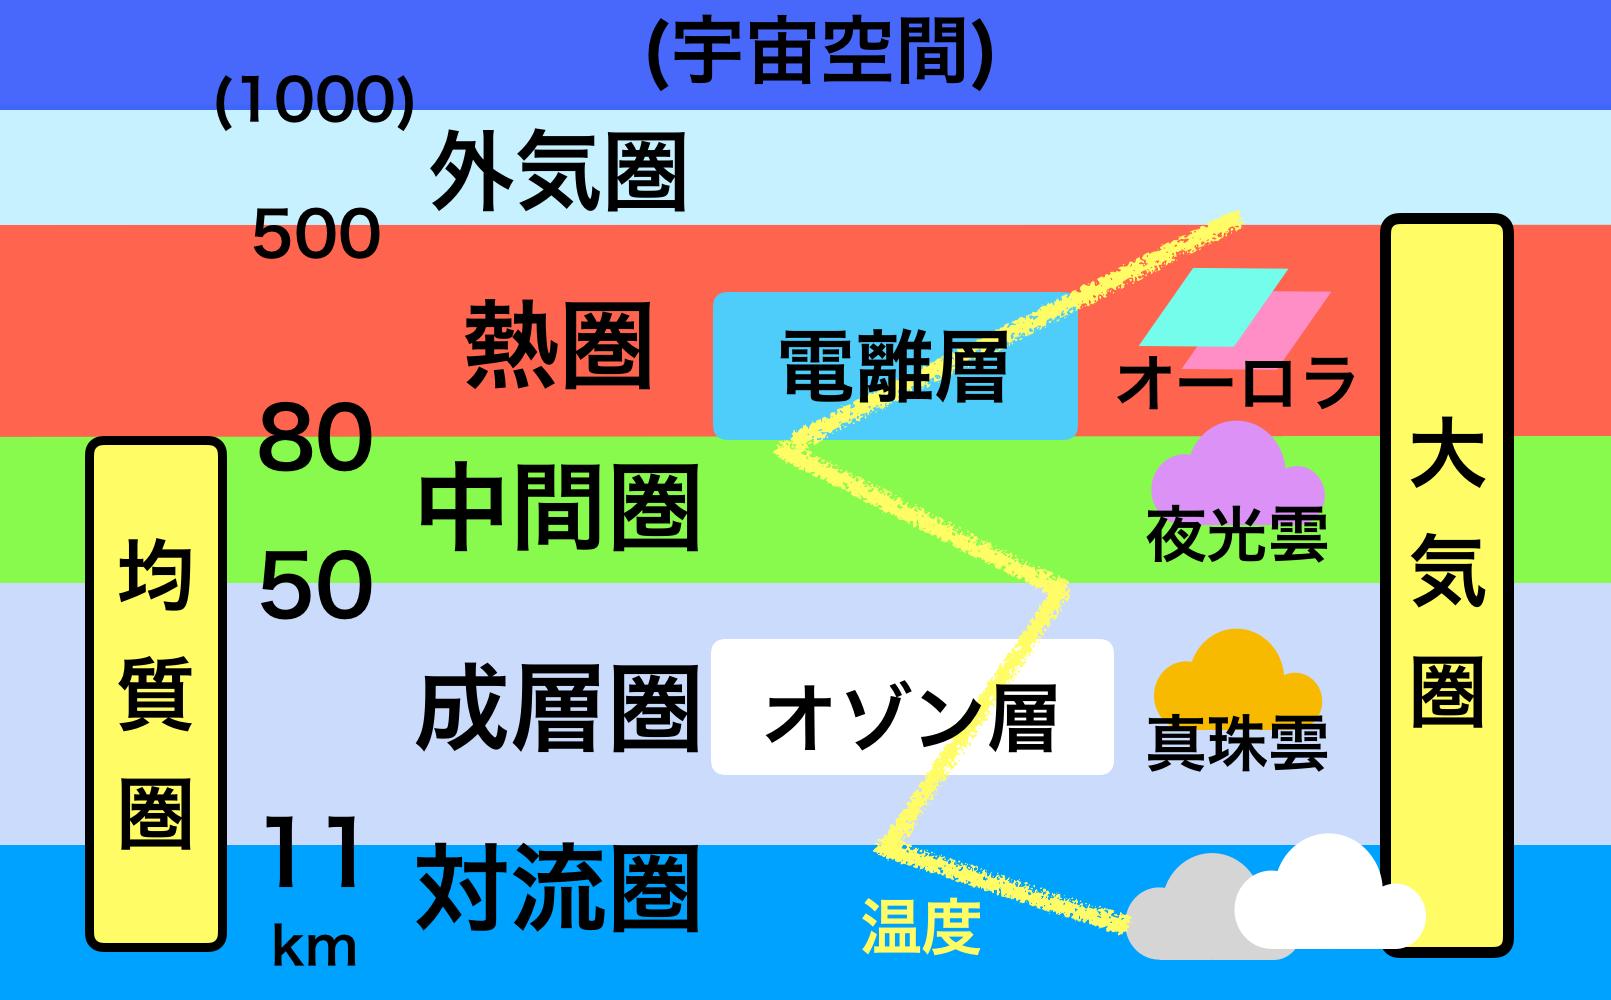 大気の構造1 | 色と形で気象予報士!